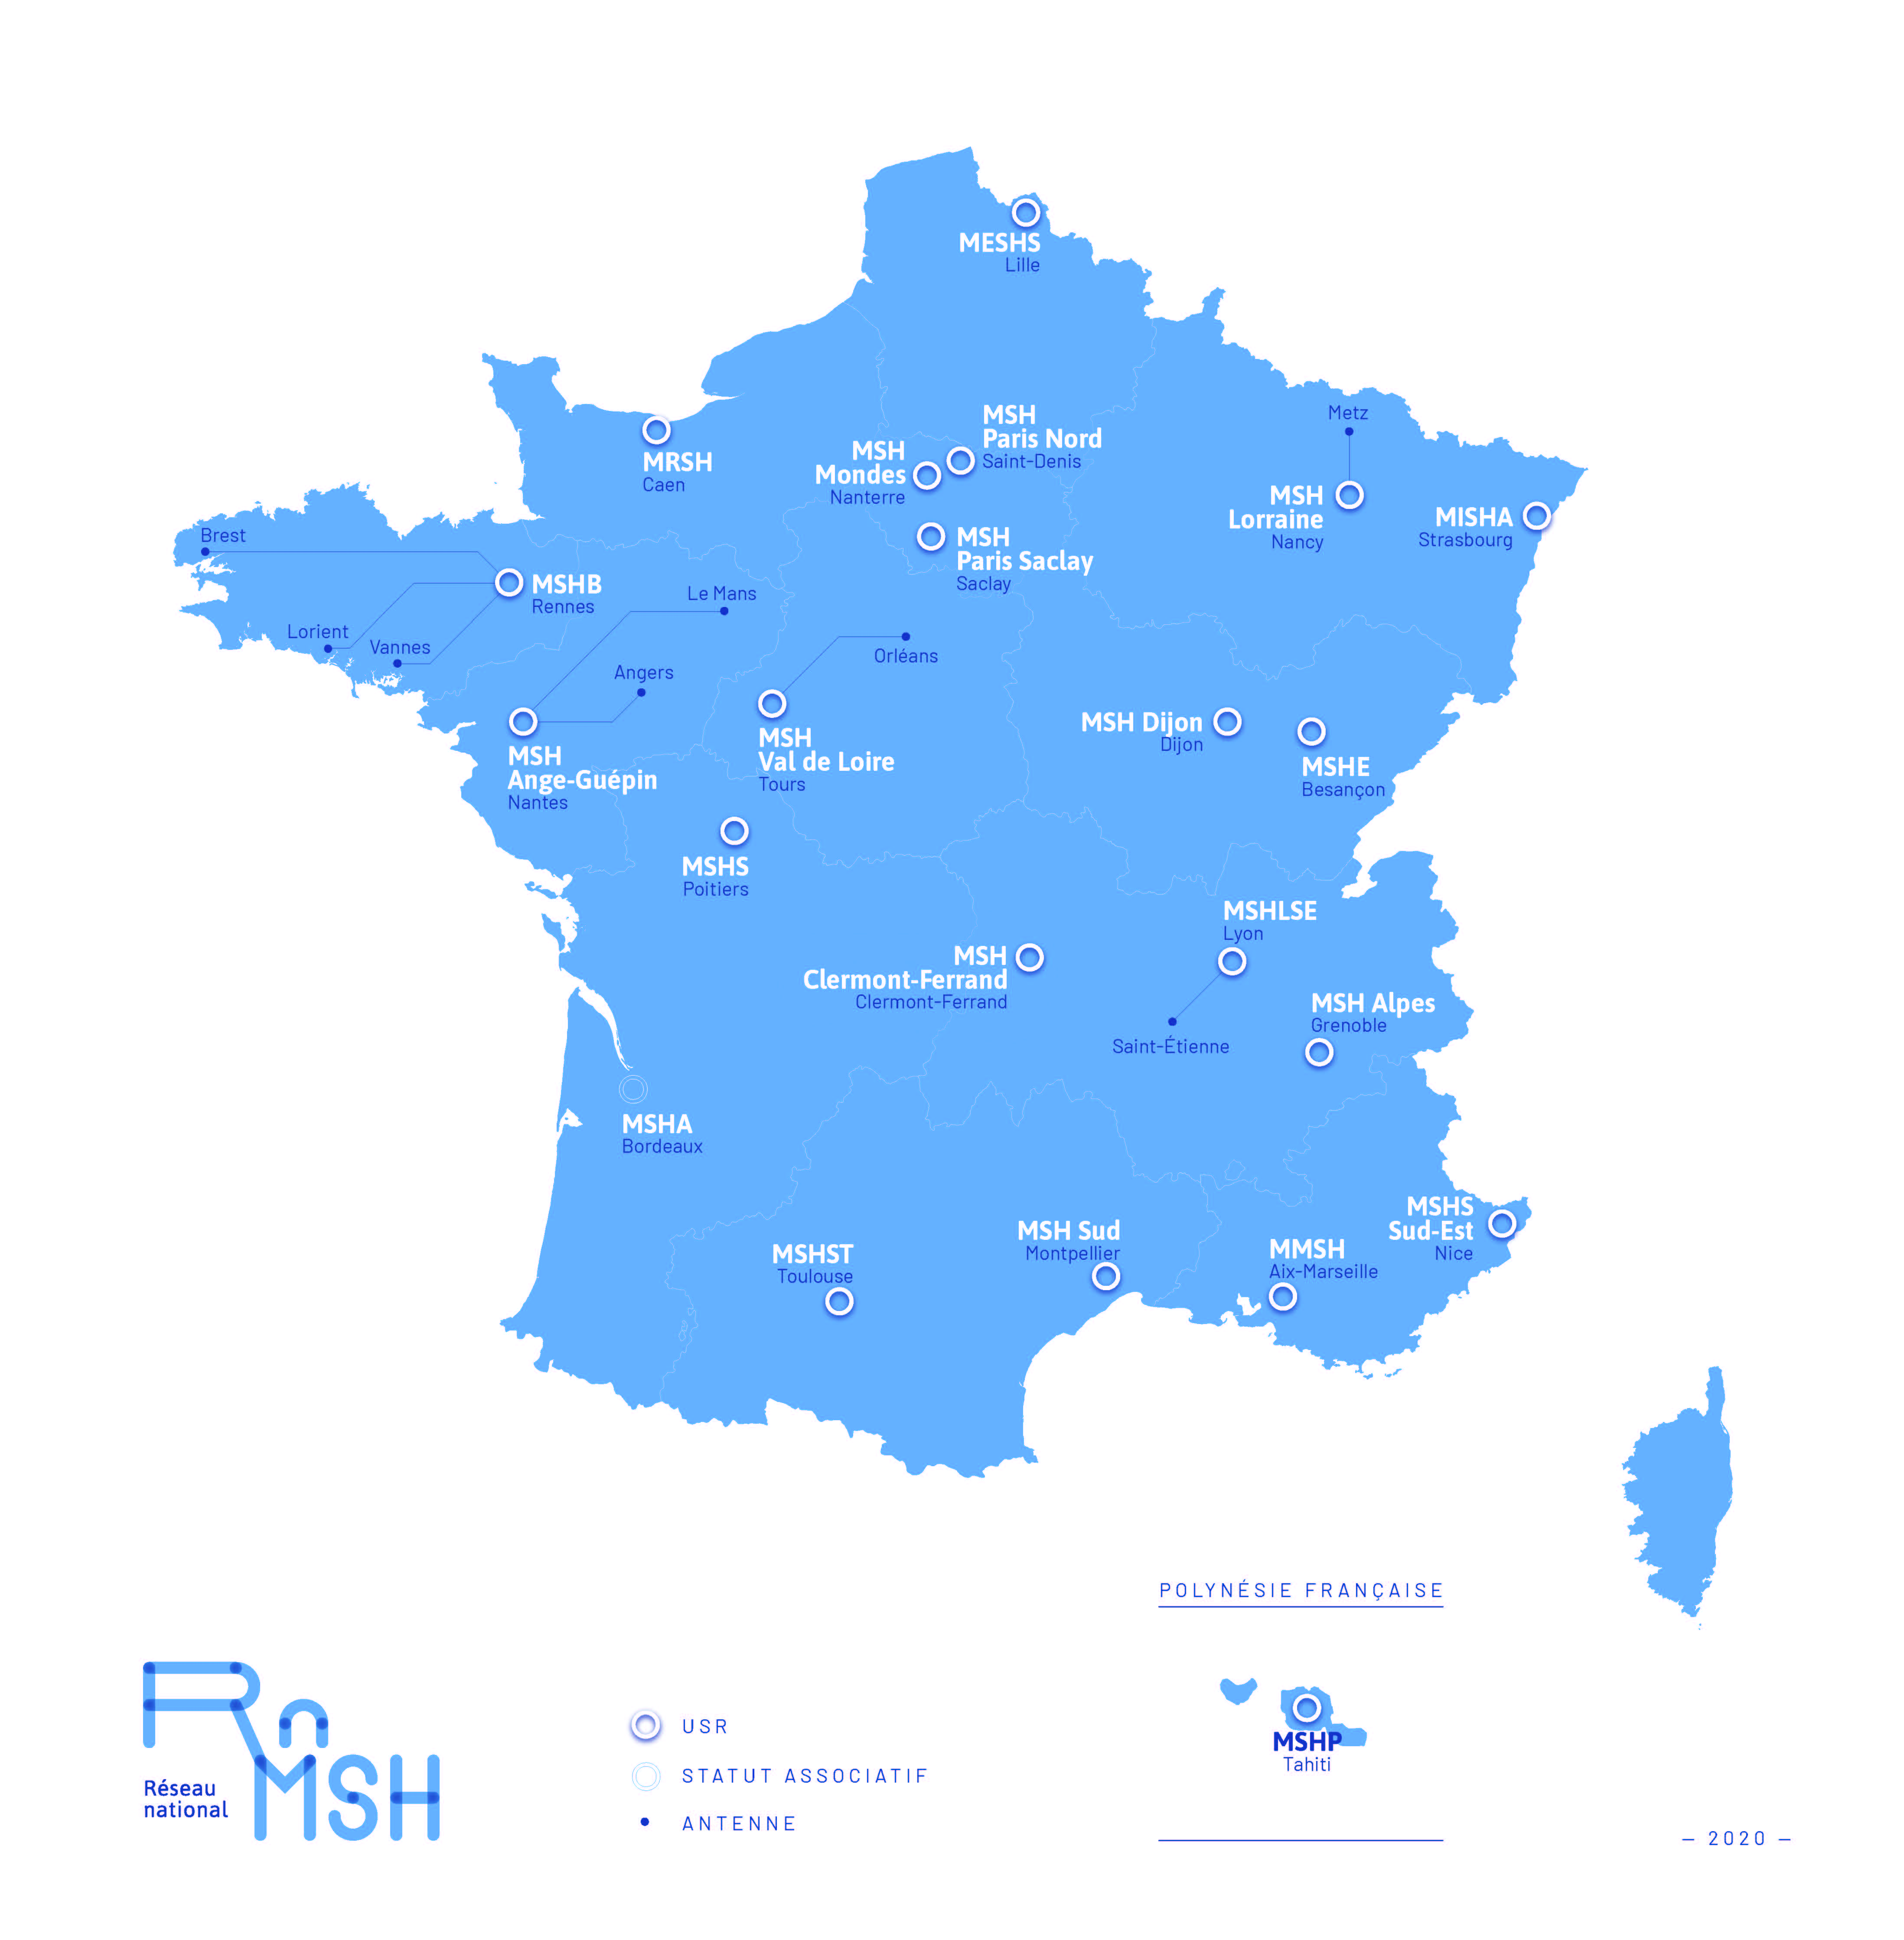 Carte des MSH (RnMSH)